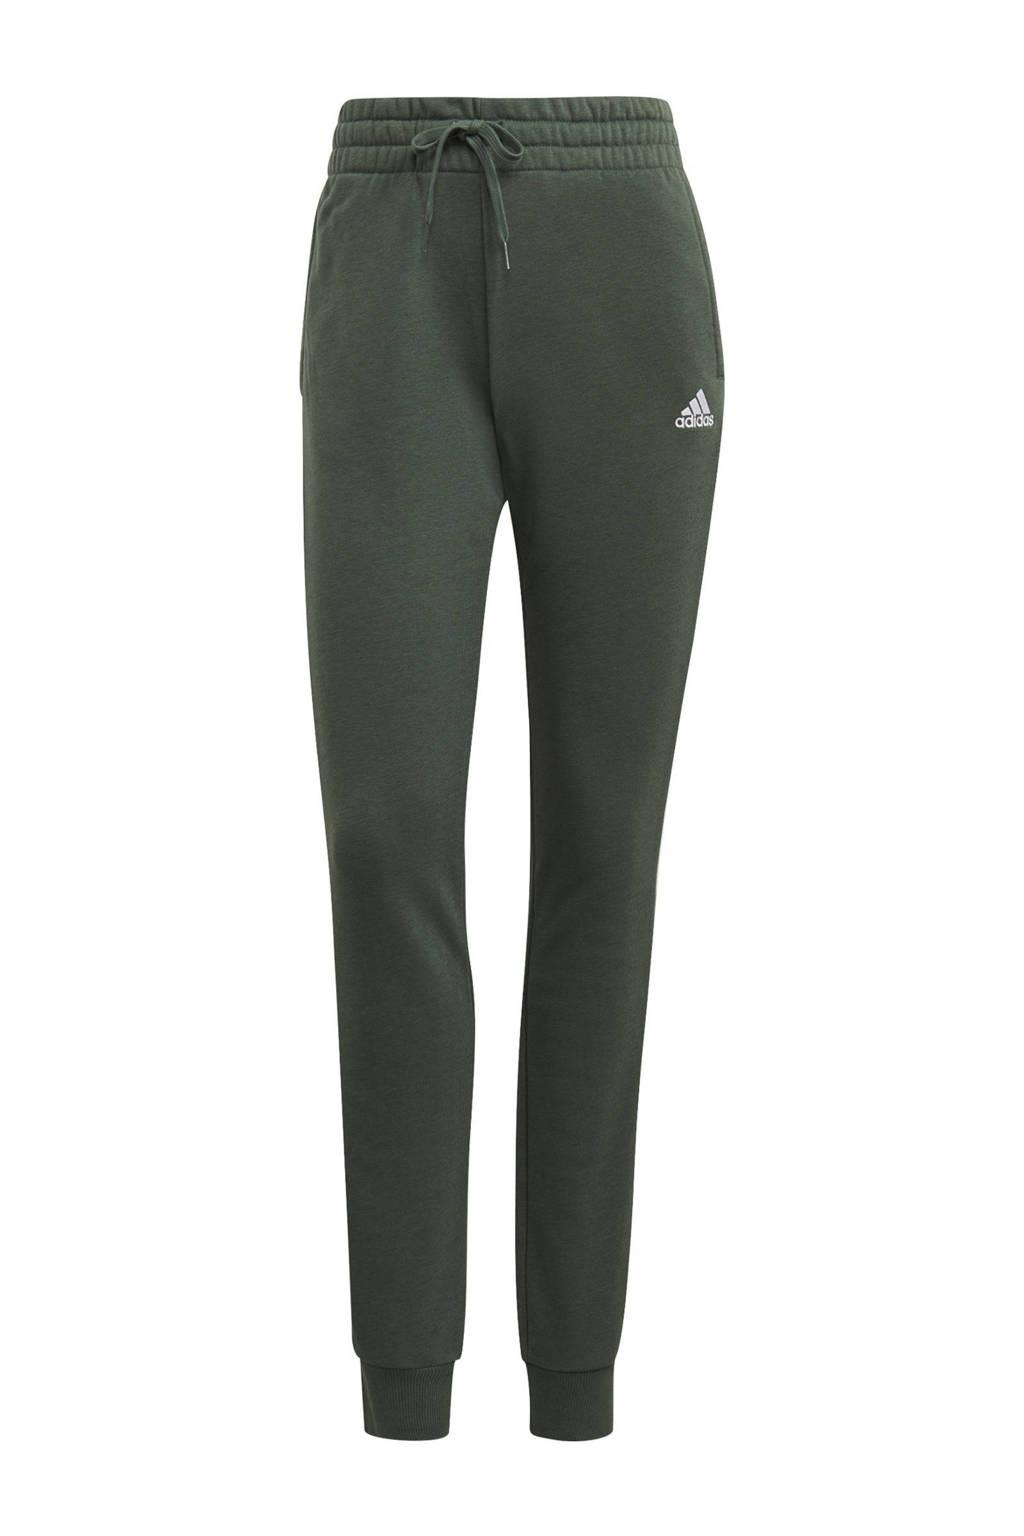 adidas Performance joggingbroek groen/wit, Groen/wit